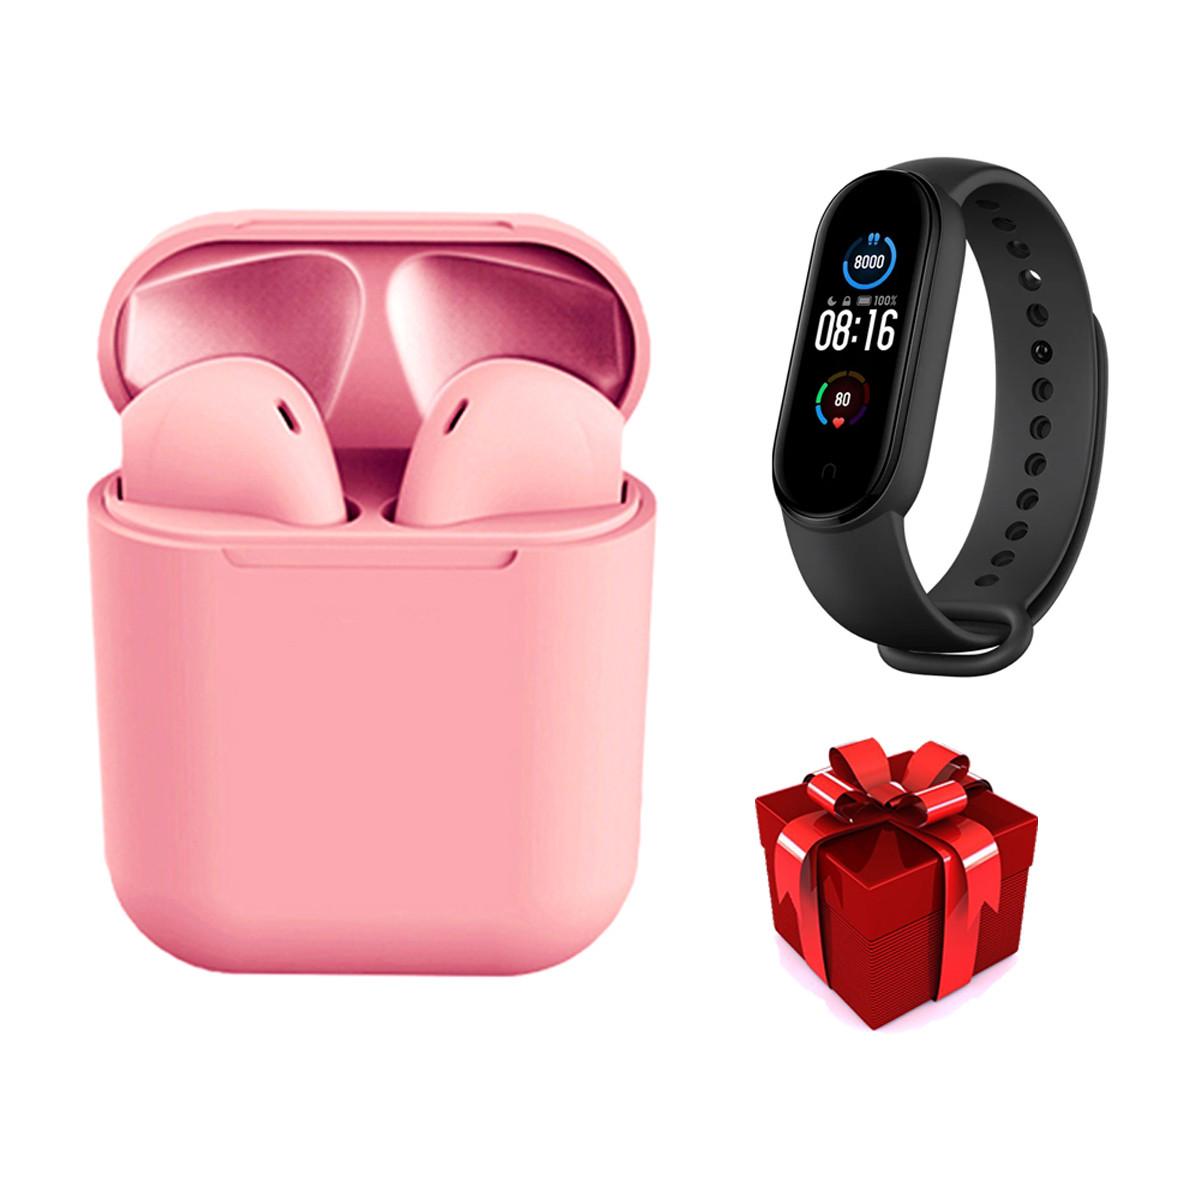 Беспроводные сенсорные наушники TWS i12 розовые + фитнес браслет Band М5